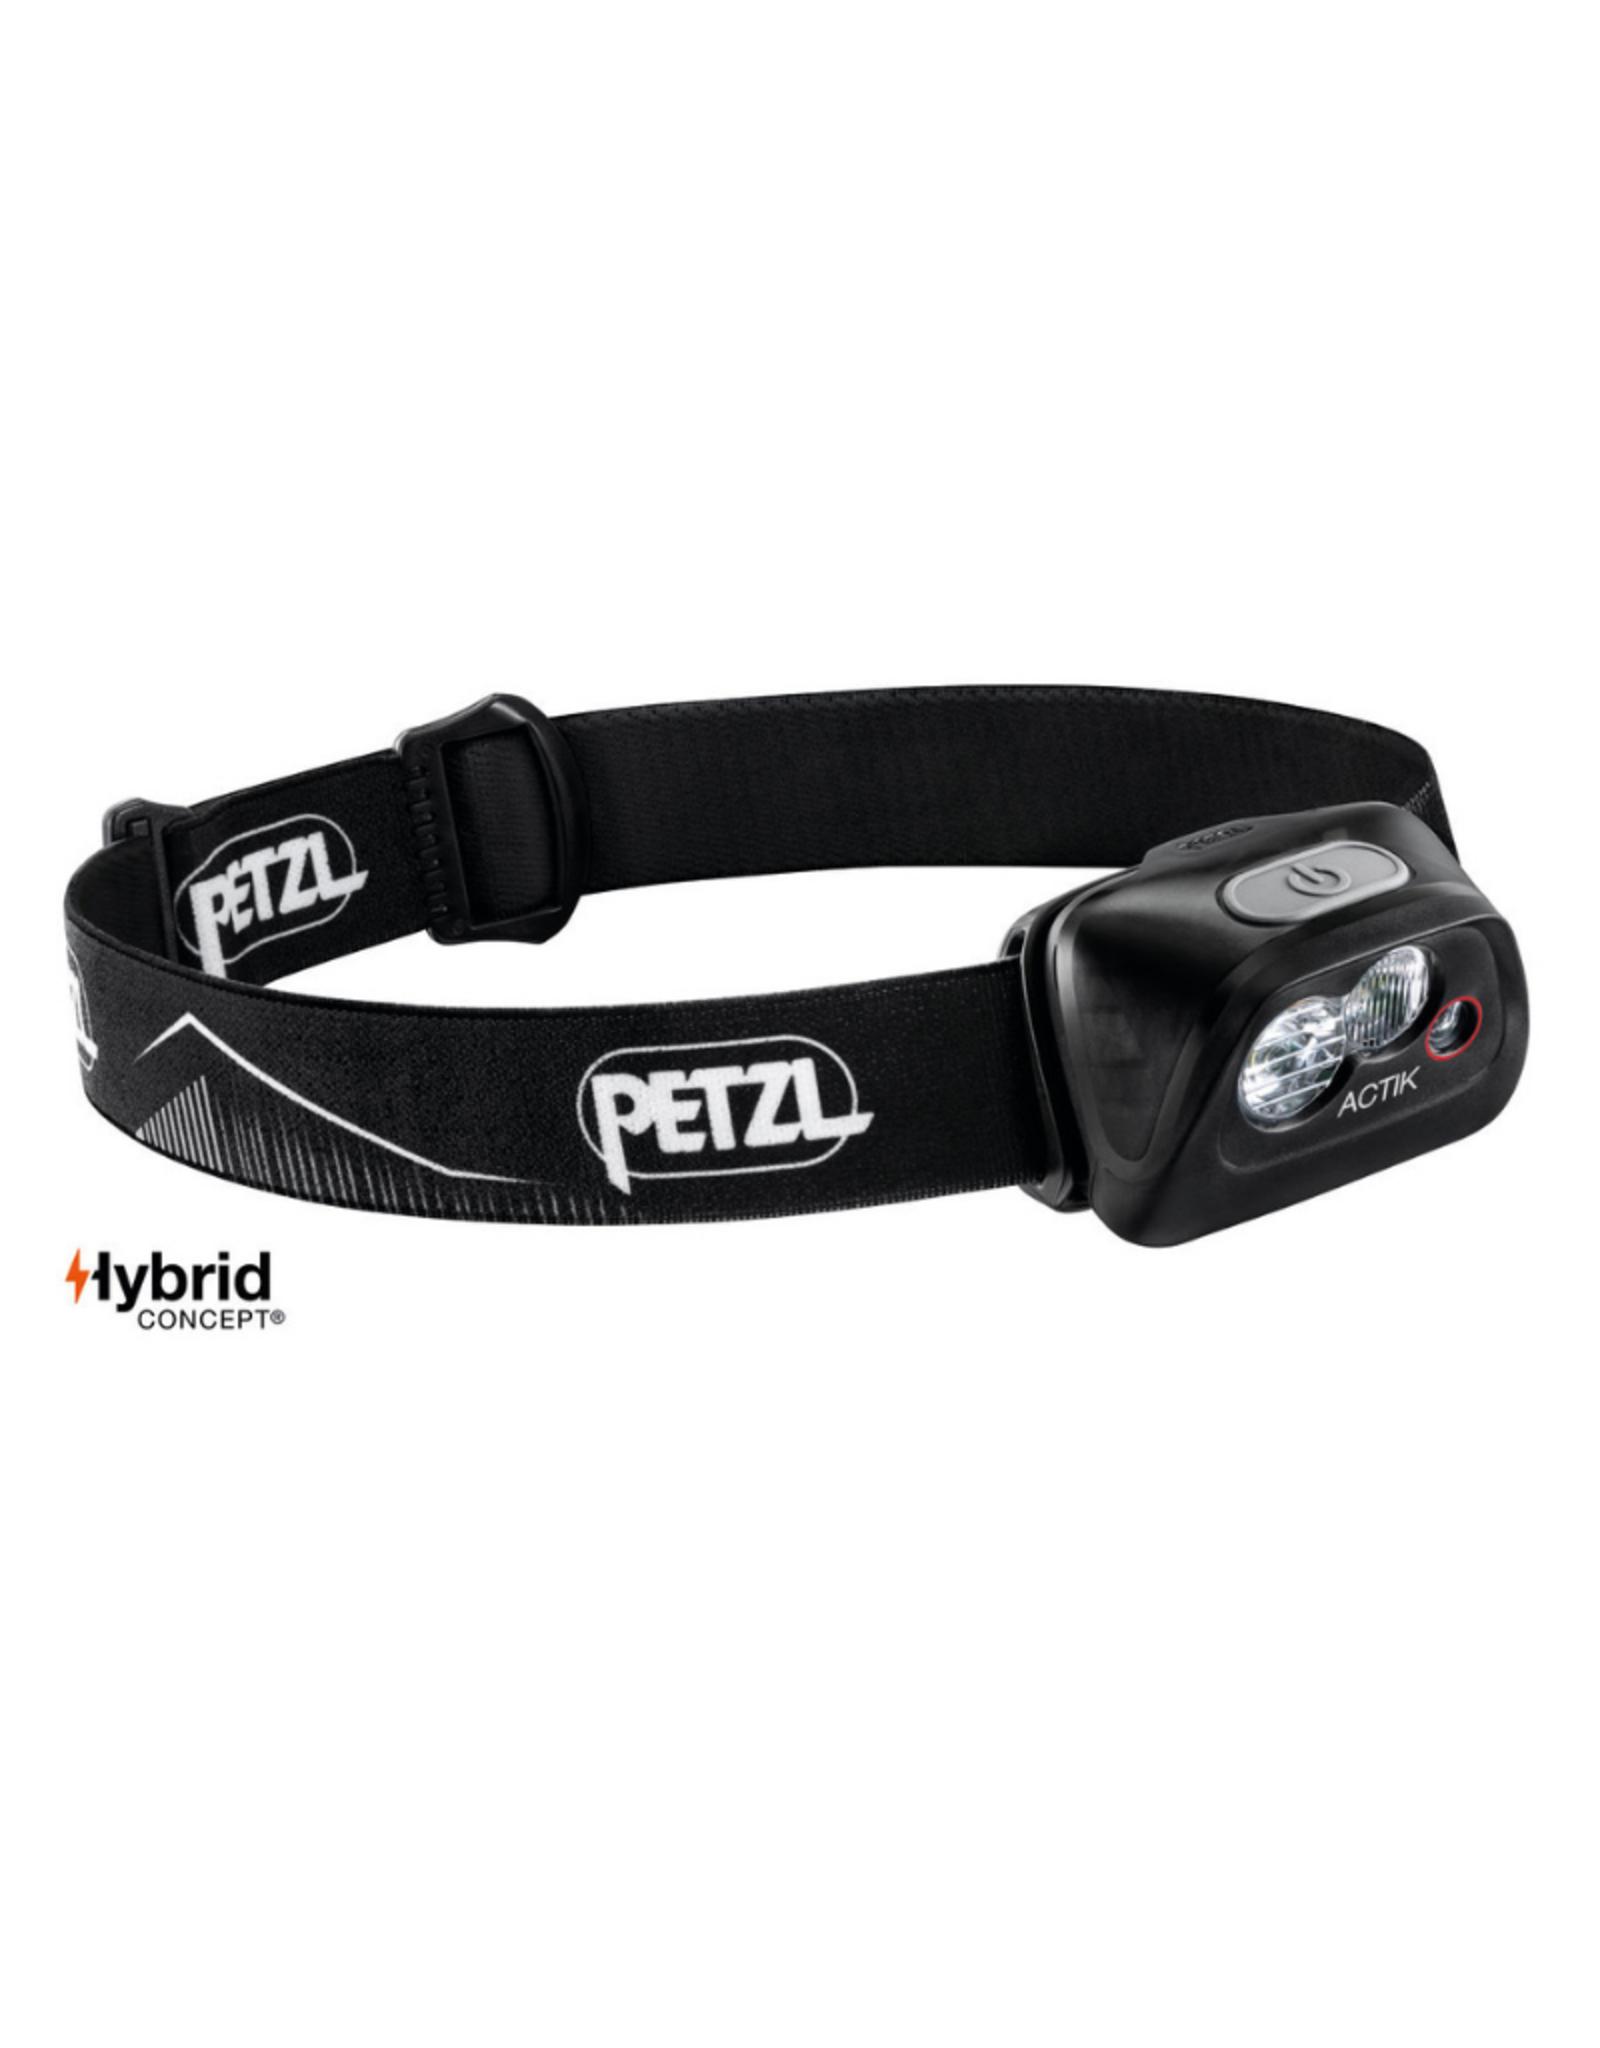 Petzl Petzl Actik Headlamp